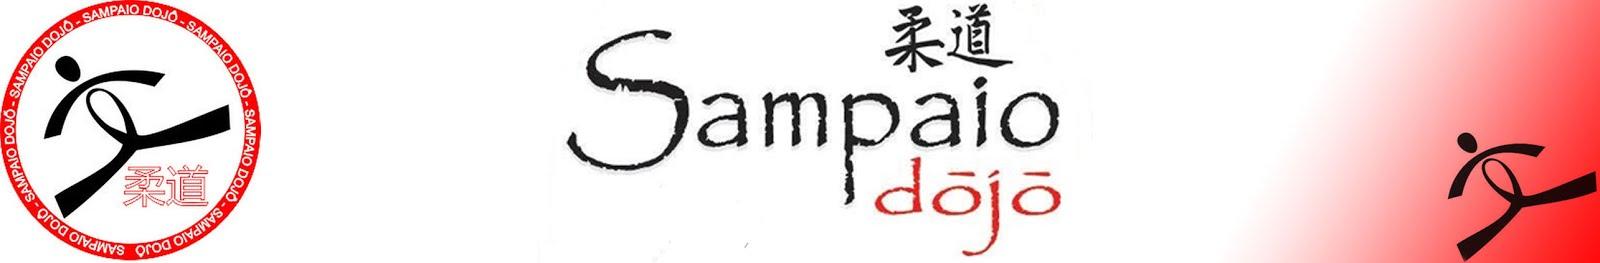 SAMPAIO DOJO